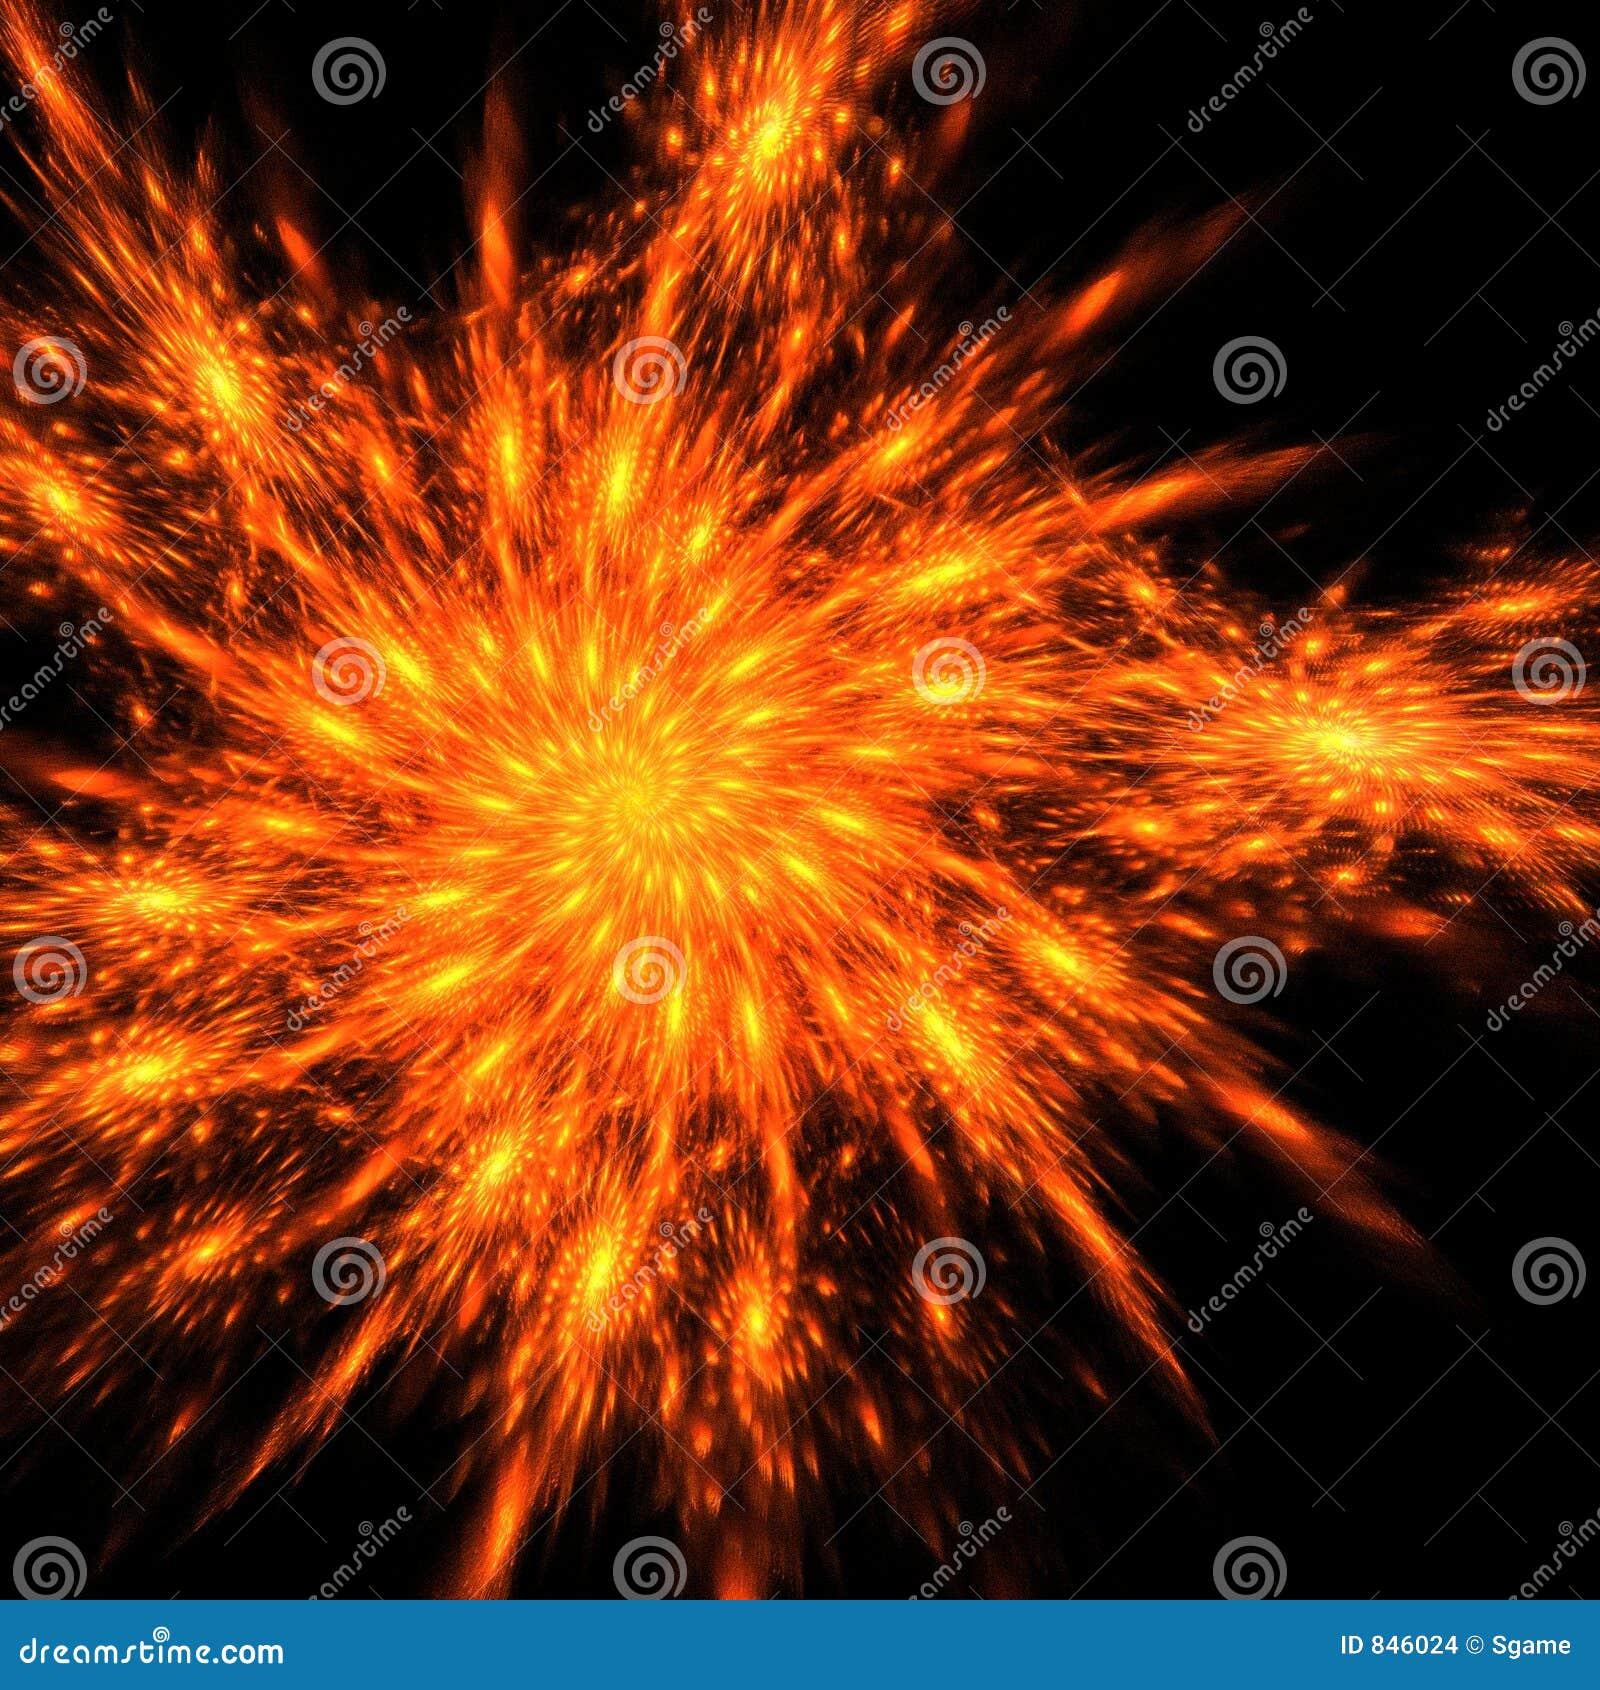 Fire phoenix feathers